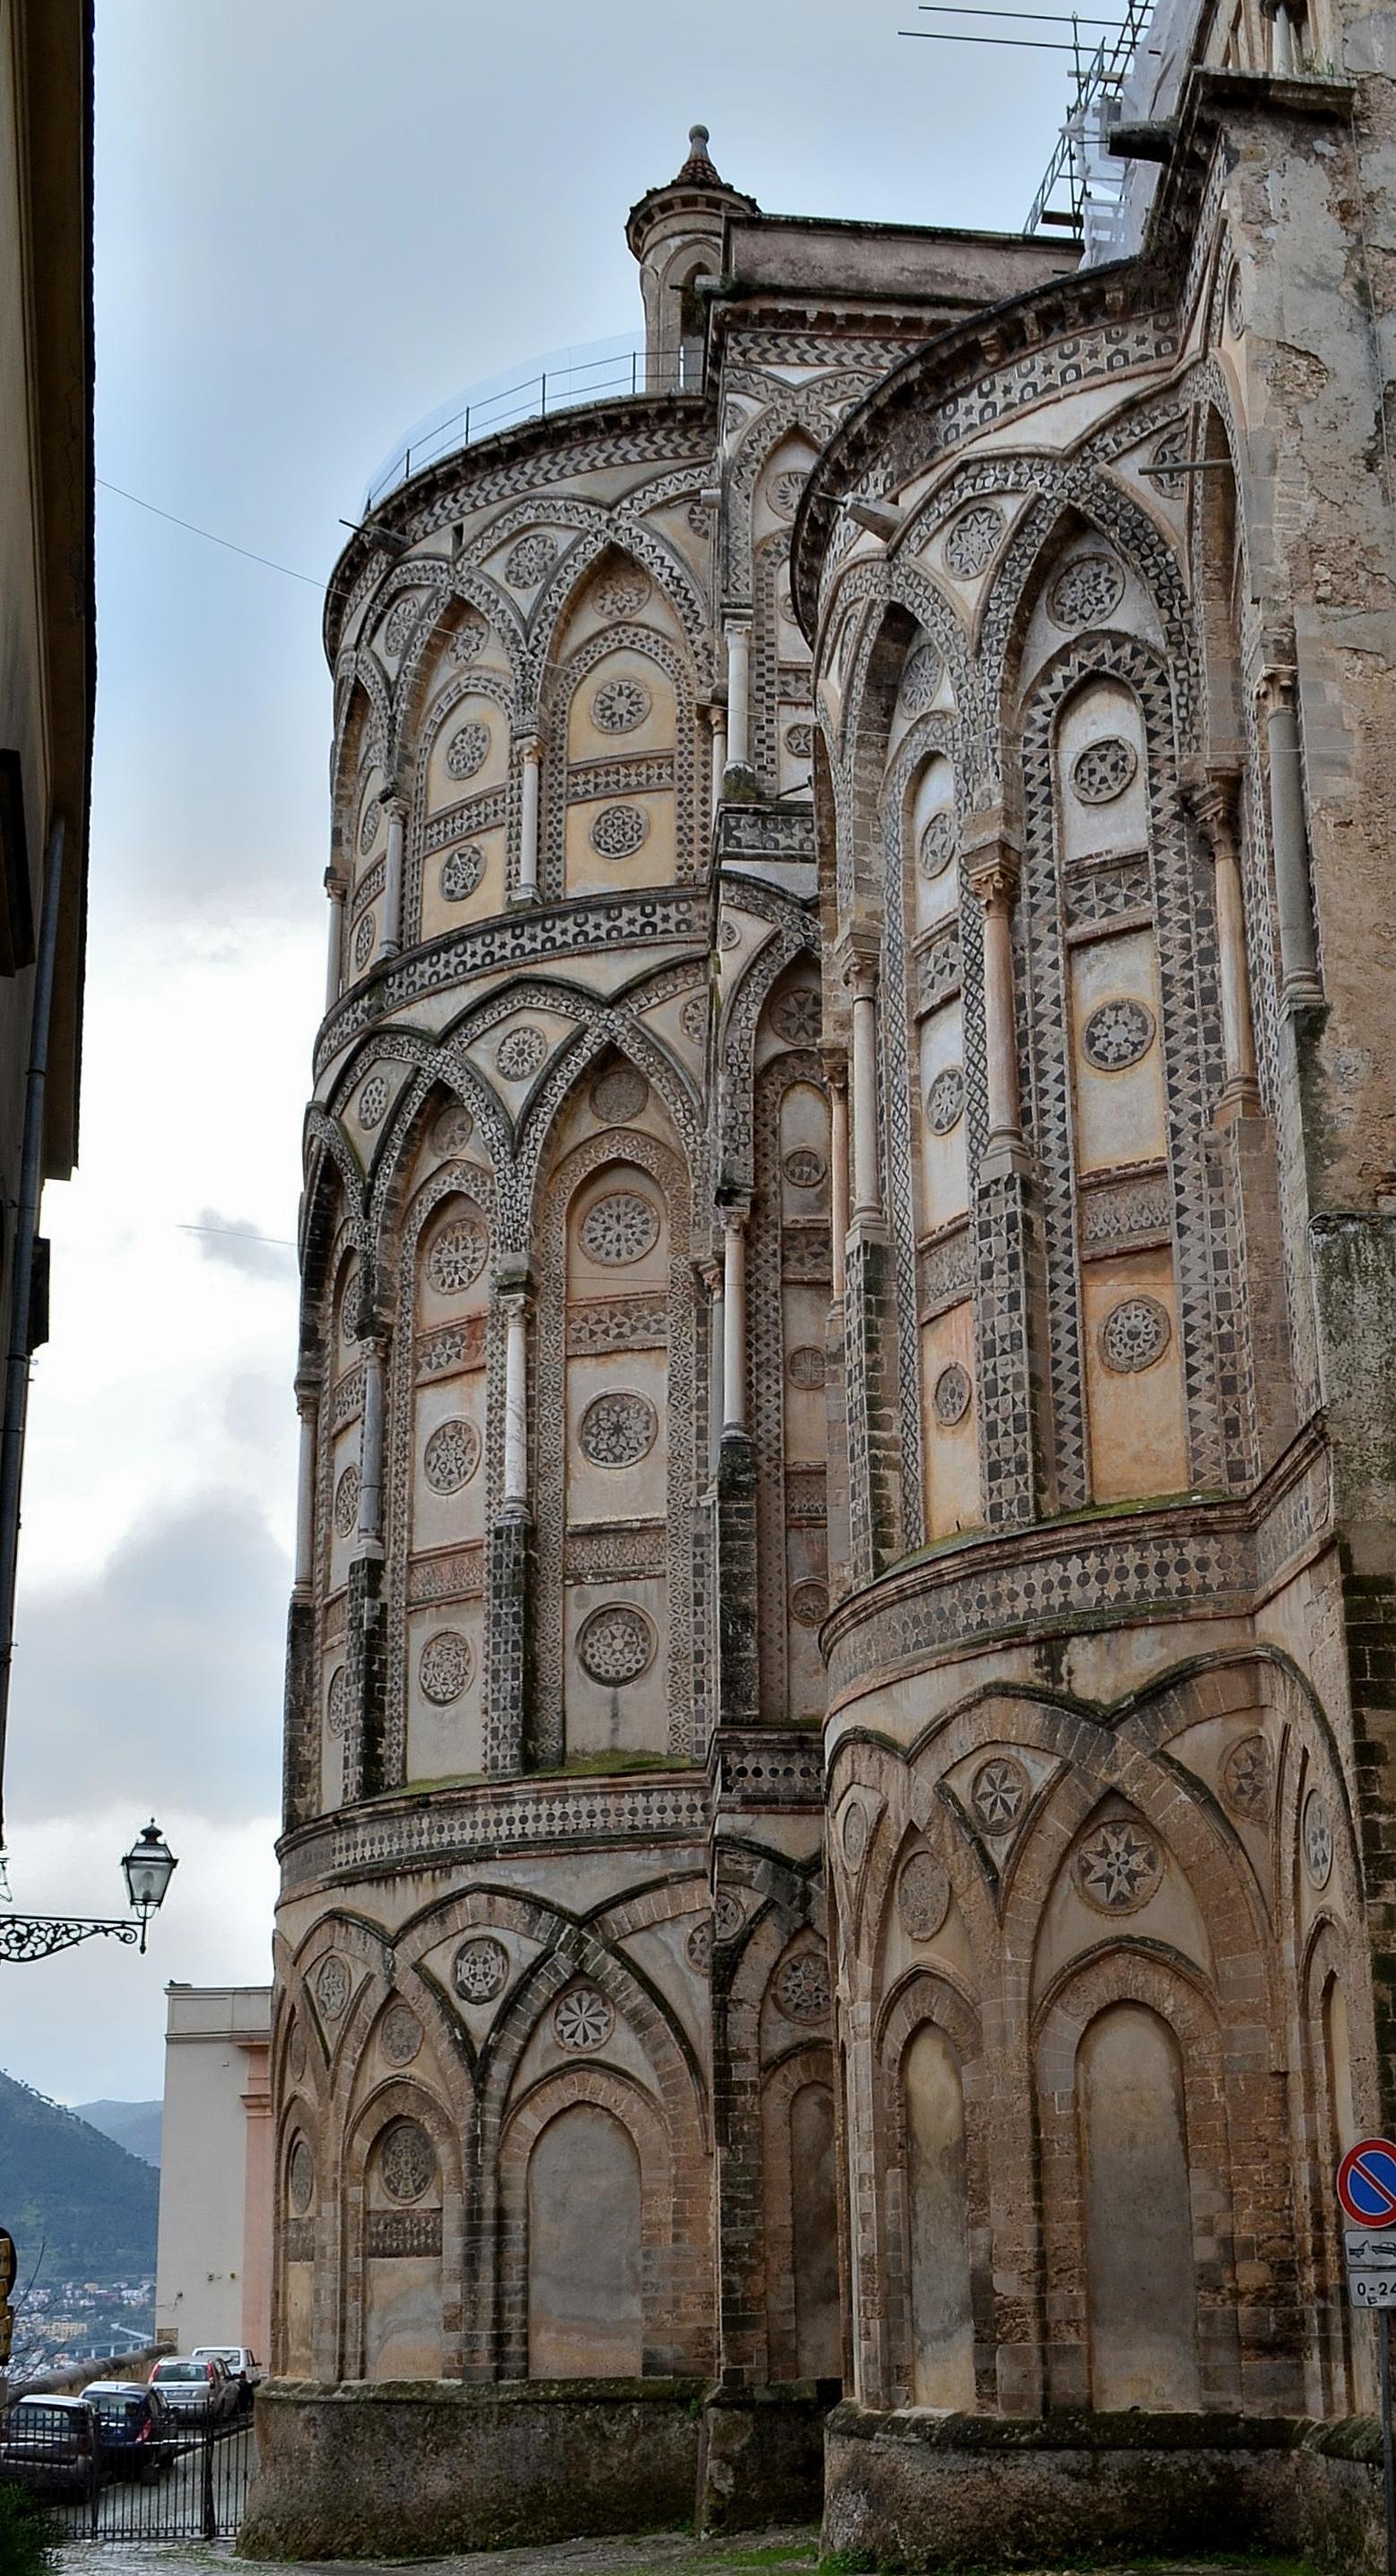 LATE BYZANTINE ARCHITECTURE.